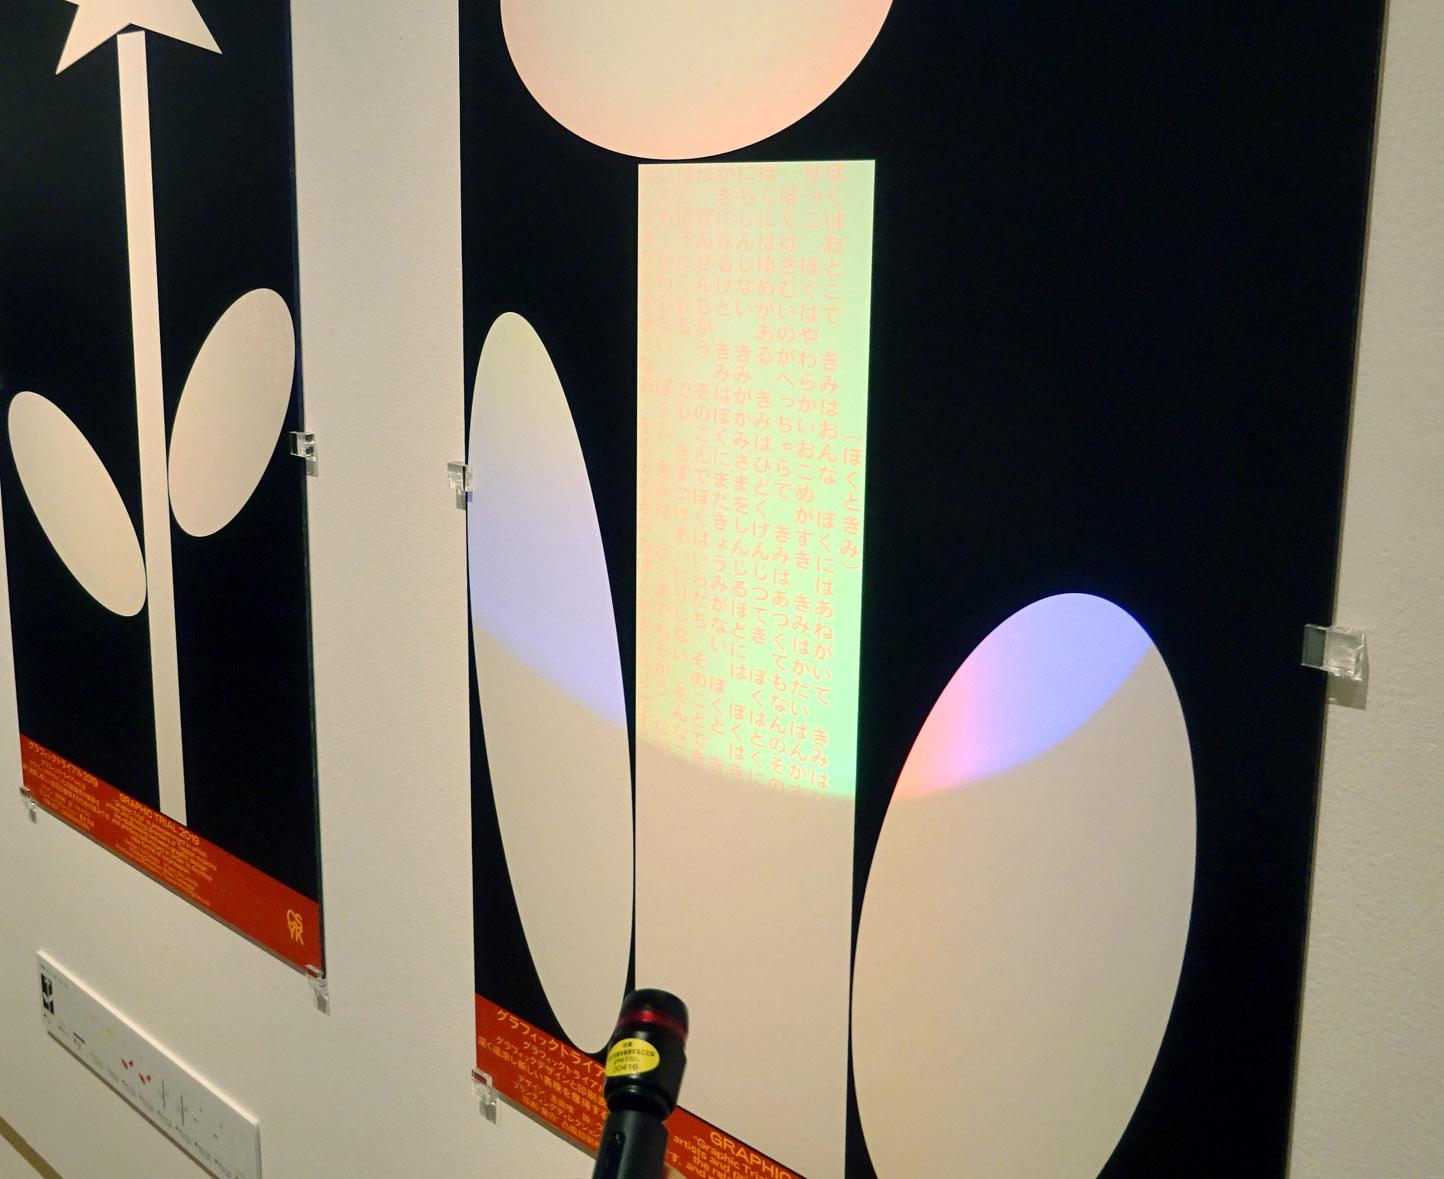 ブラックライトをあてると白地に蛍光の文字が浮き上がる